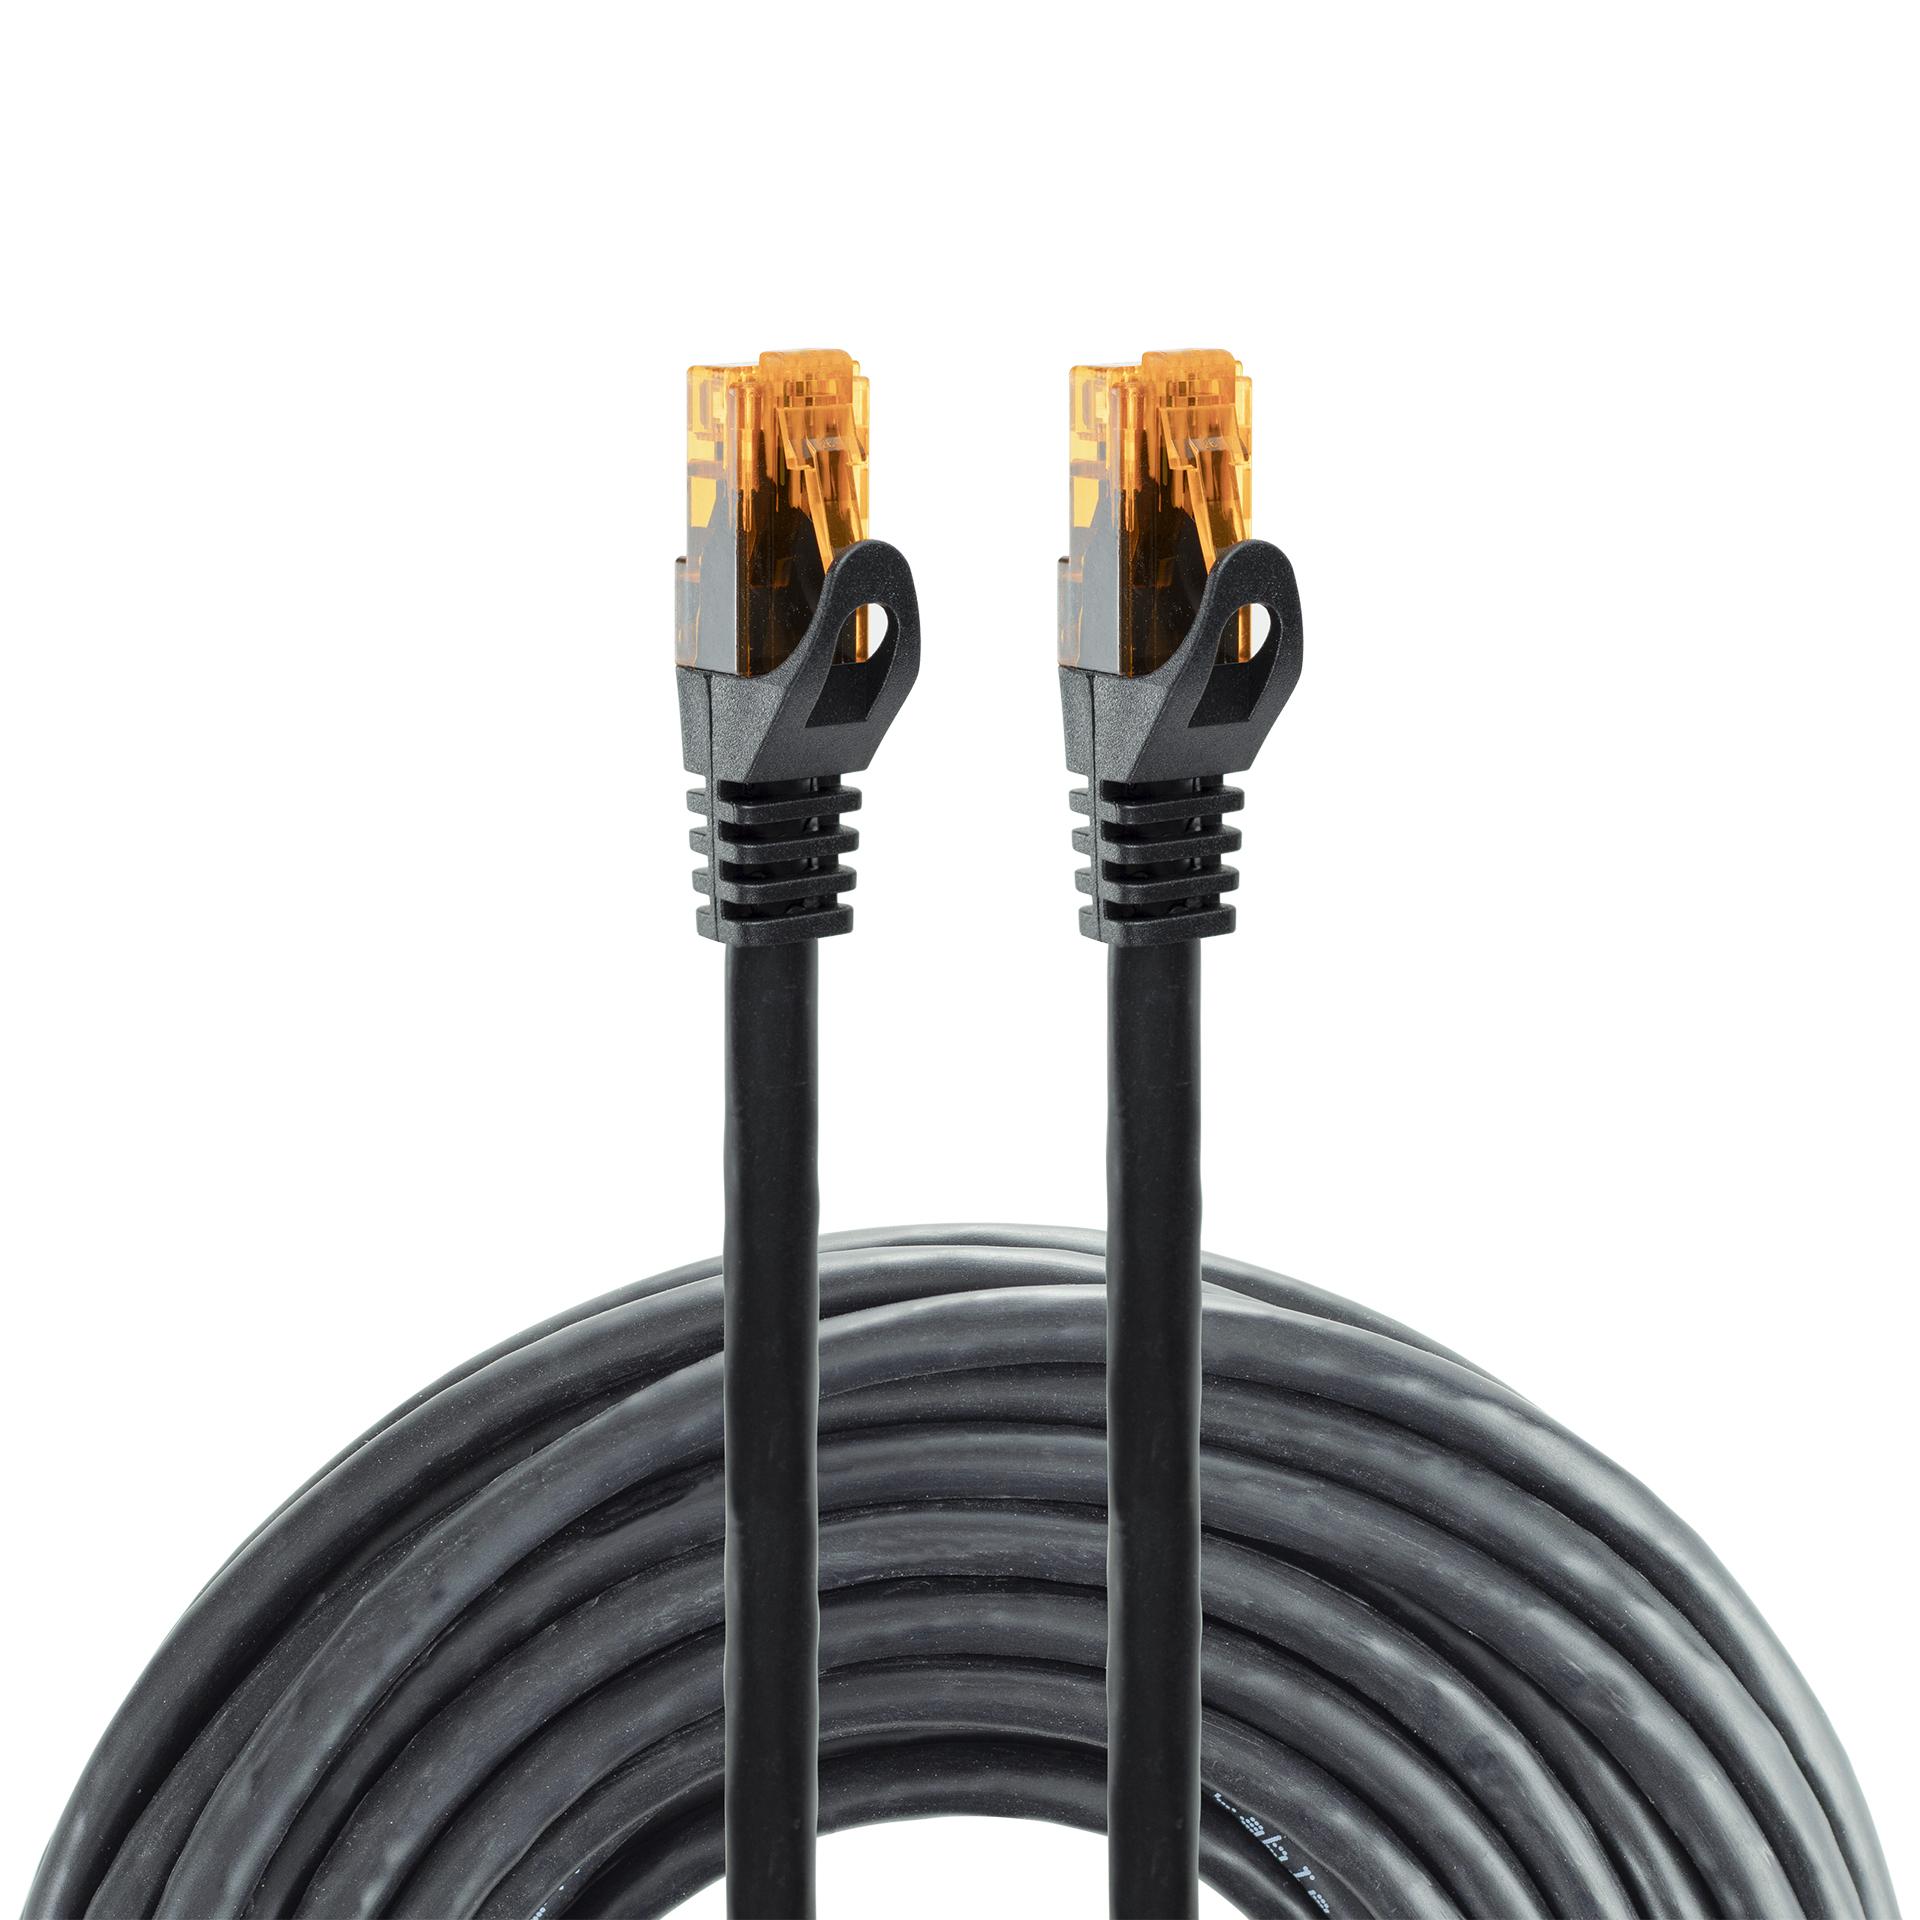 Kabel Utp Cat6 20m Lb0075 20 Libox 5902689073632 Zelmart Lan Meter Kable Sie Powiksz